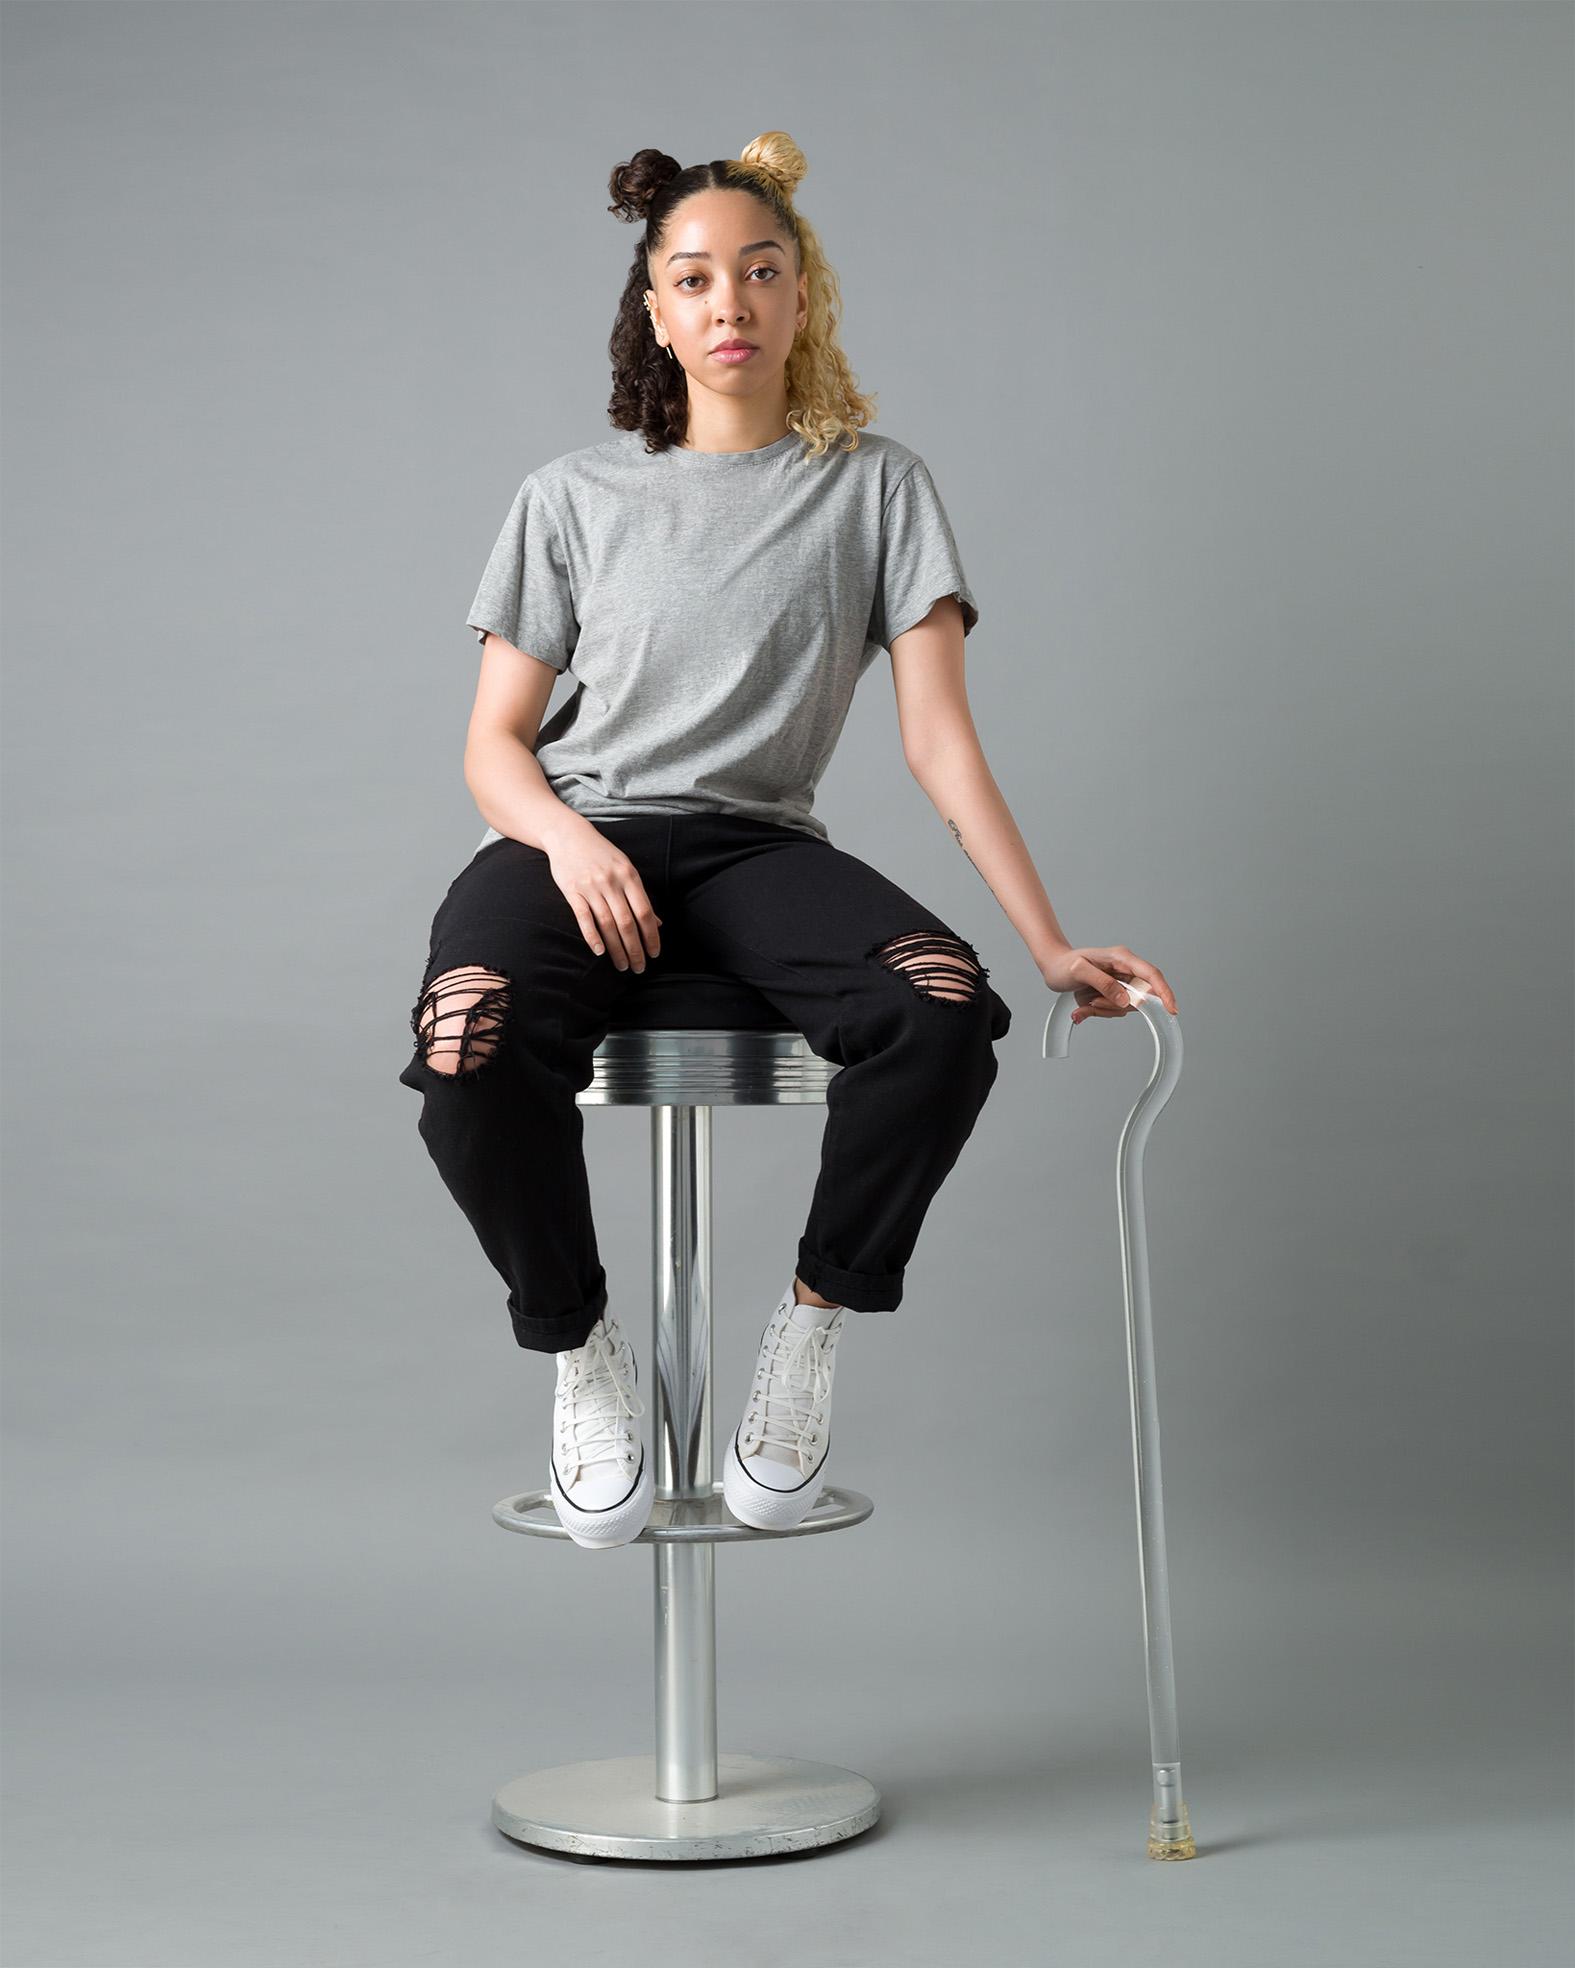 Dol, Zebedee Management, disabled, model